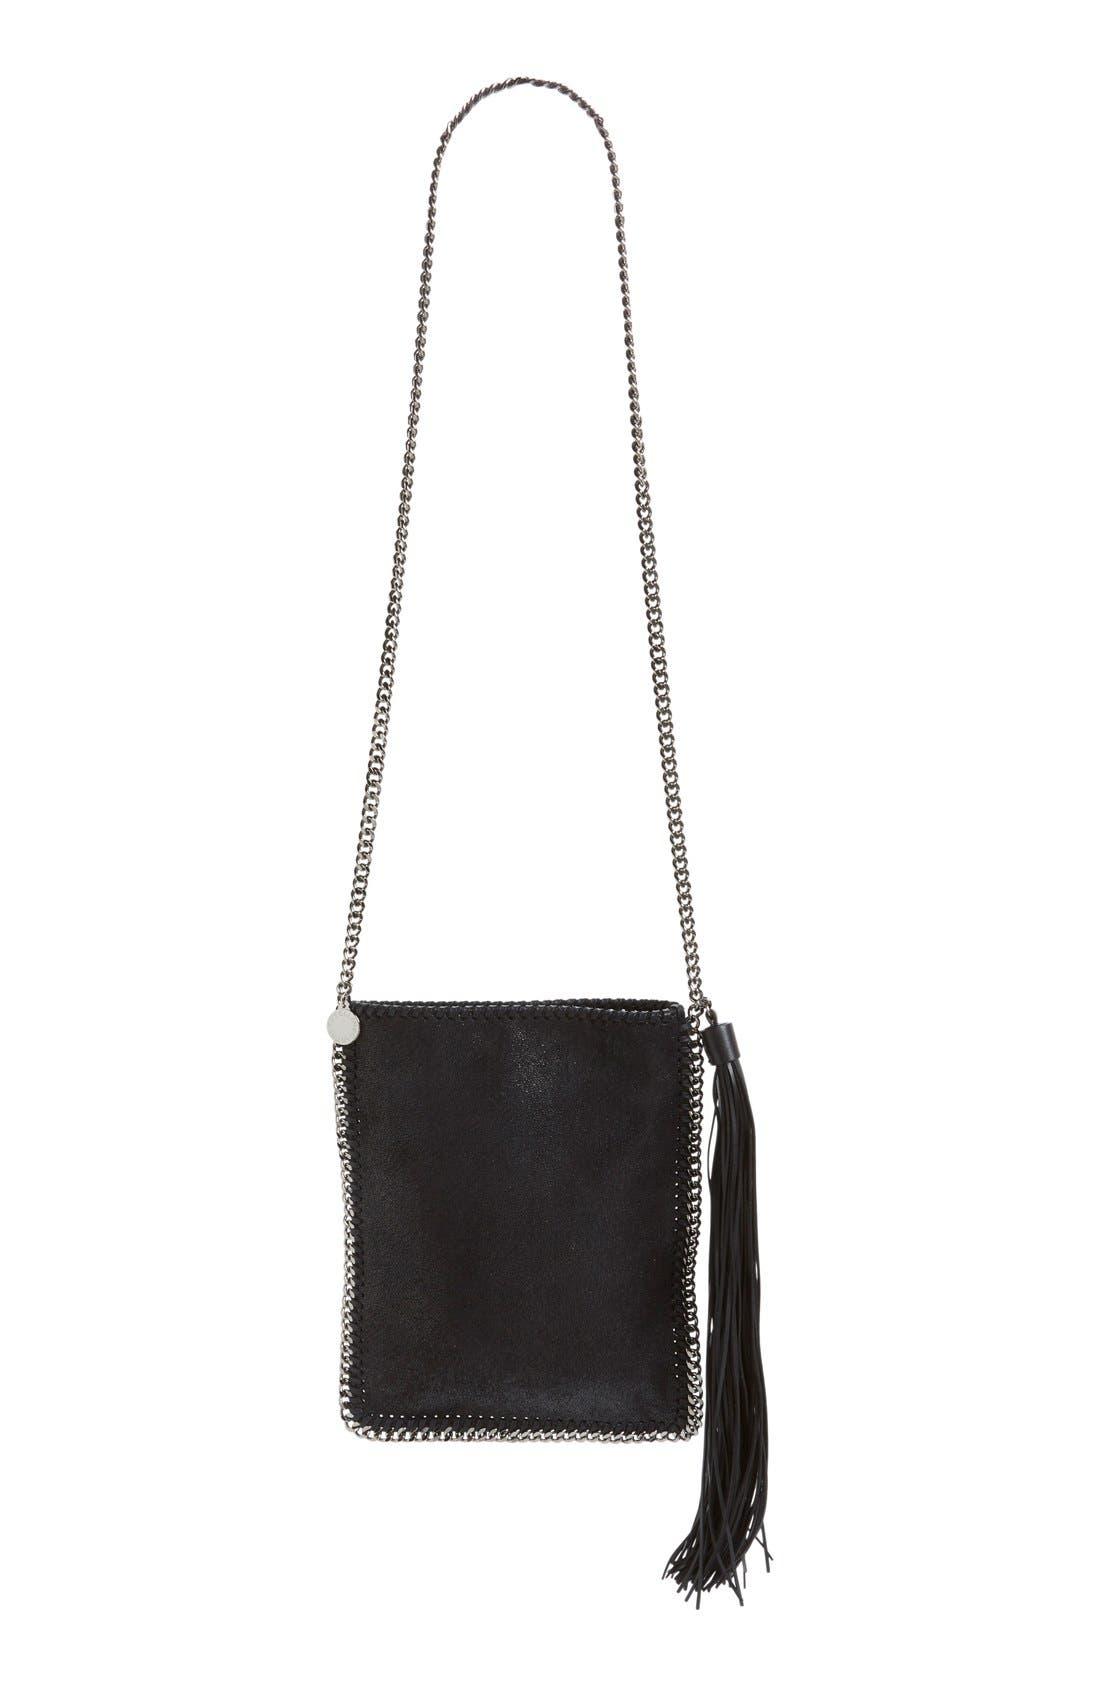 'Falabella' Faux Leather Shoulder Bag,                             Main thumbnail 1, color,                             001